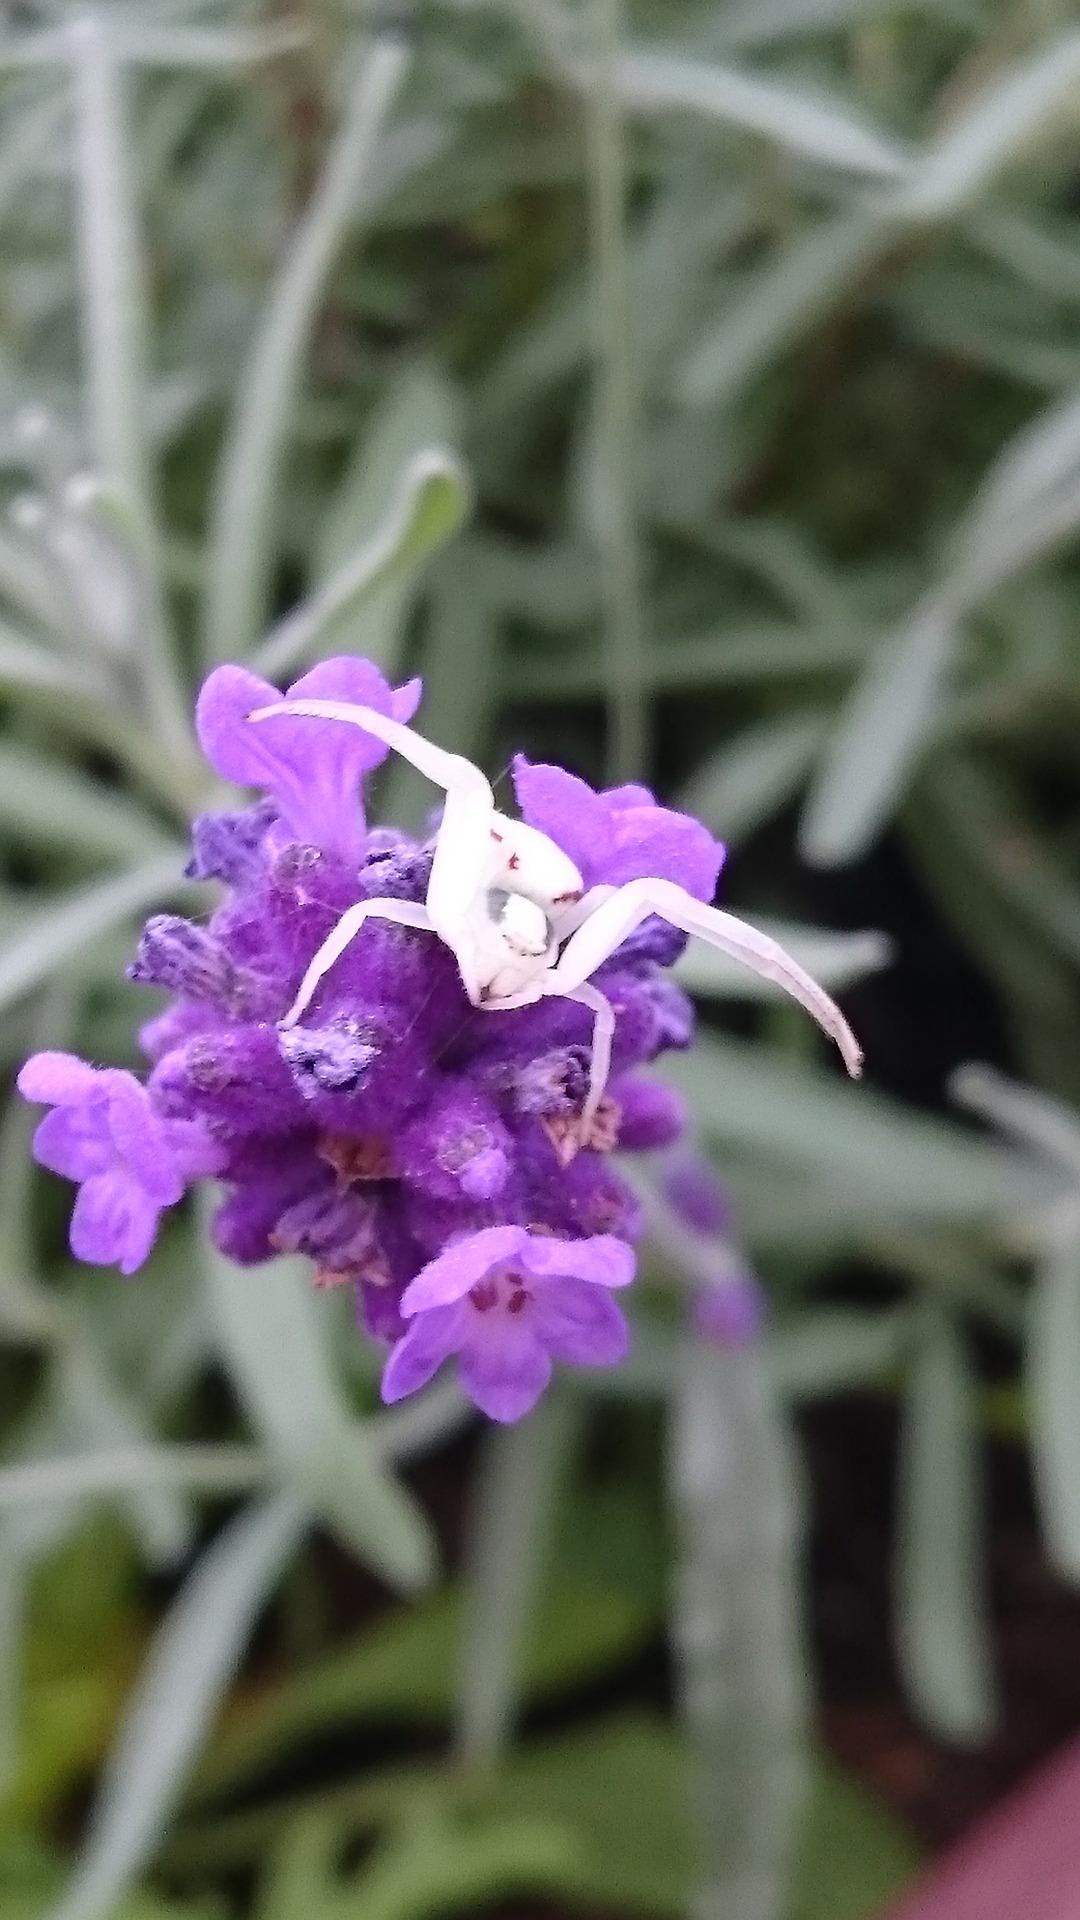 echter lavendel lavandula angustifolia dr schweikart. Black Bedroom Furniture Sets. Home Design Ideas